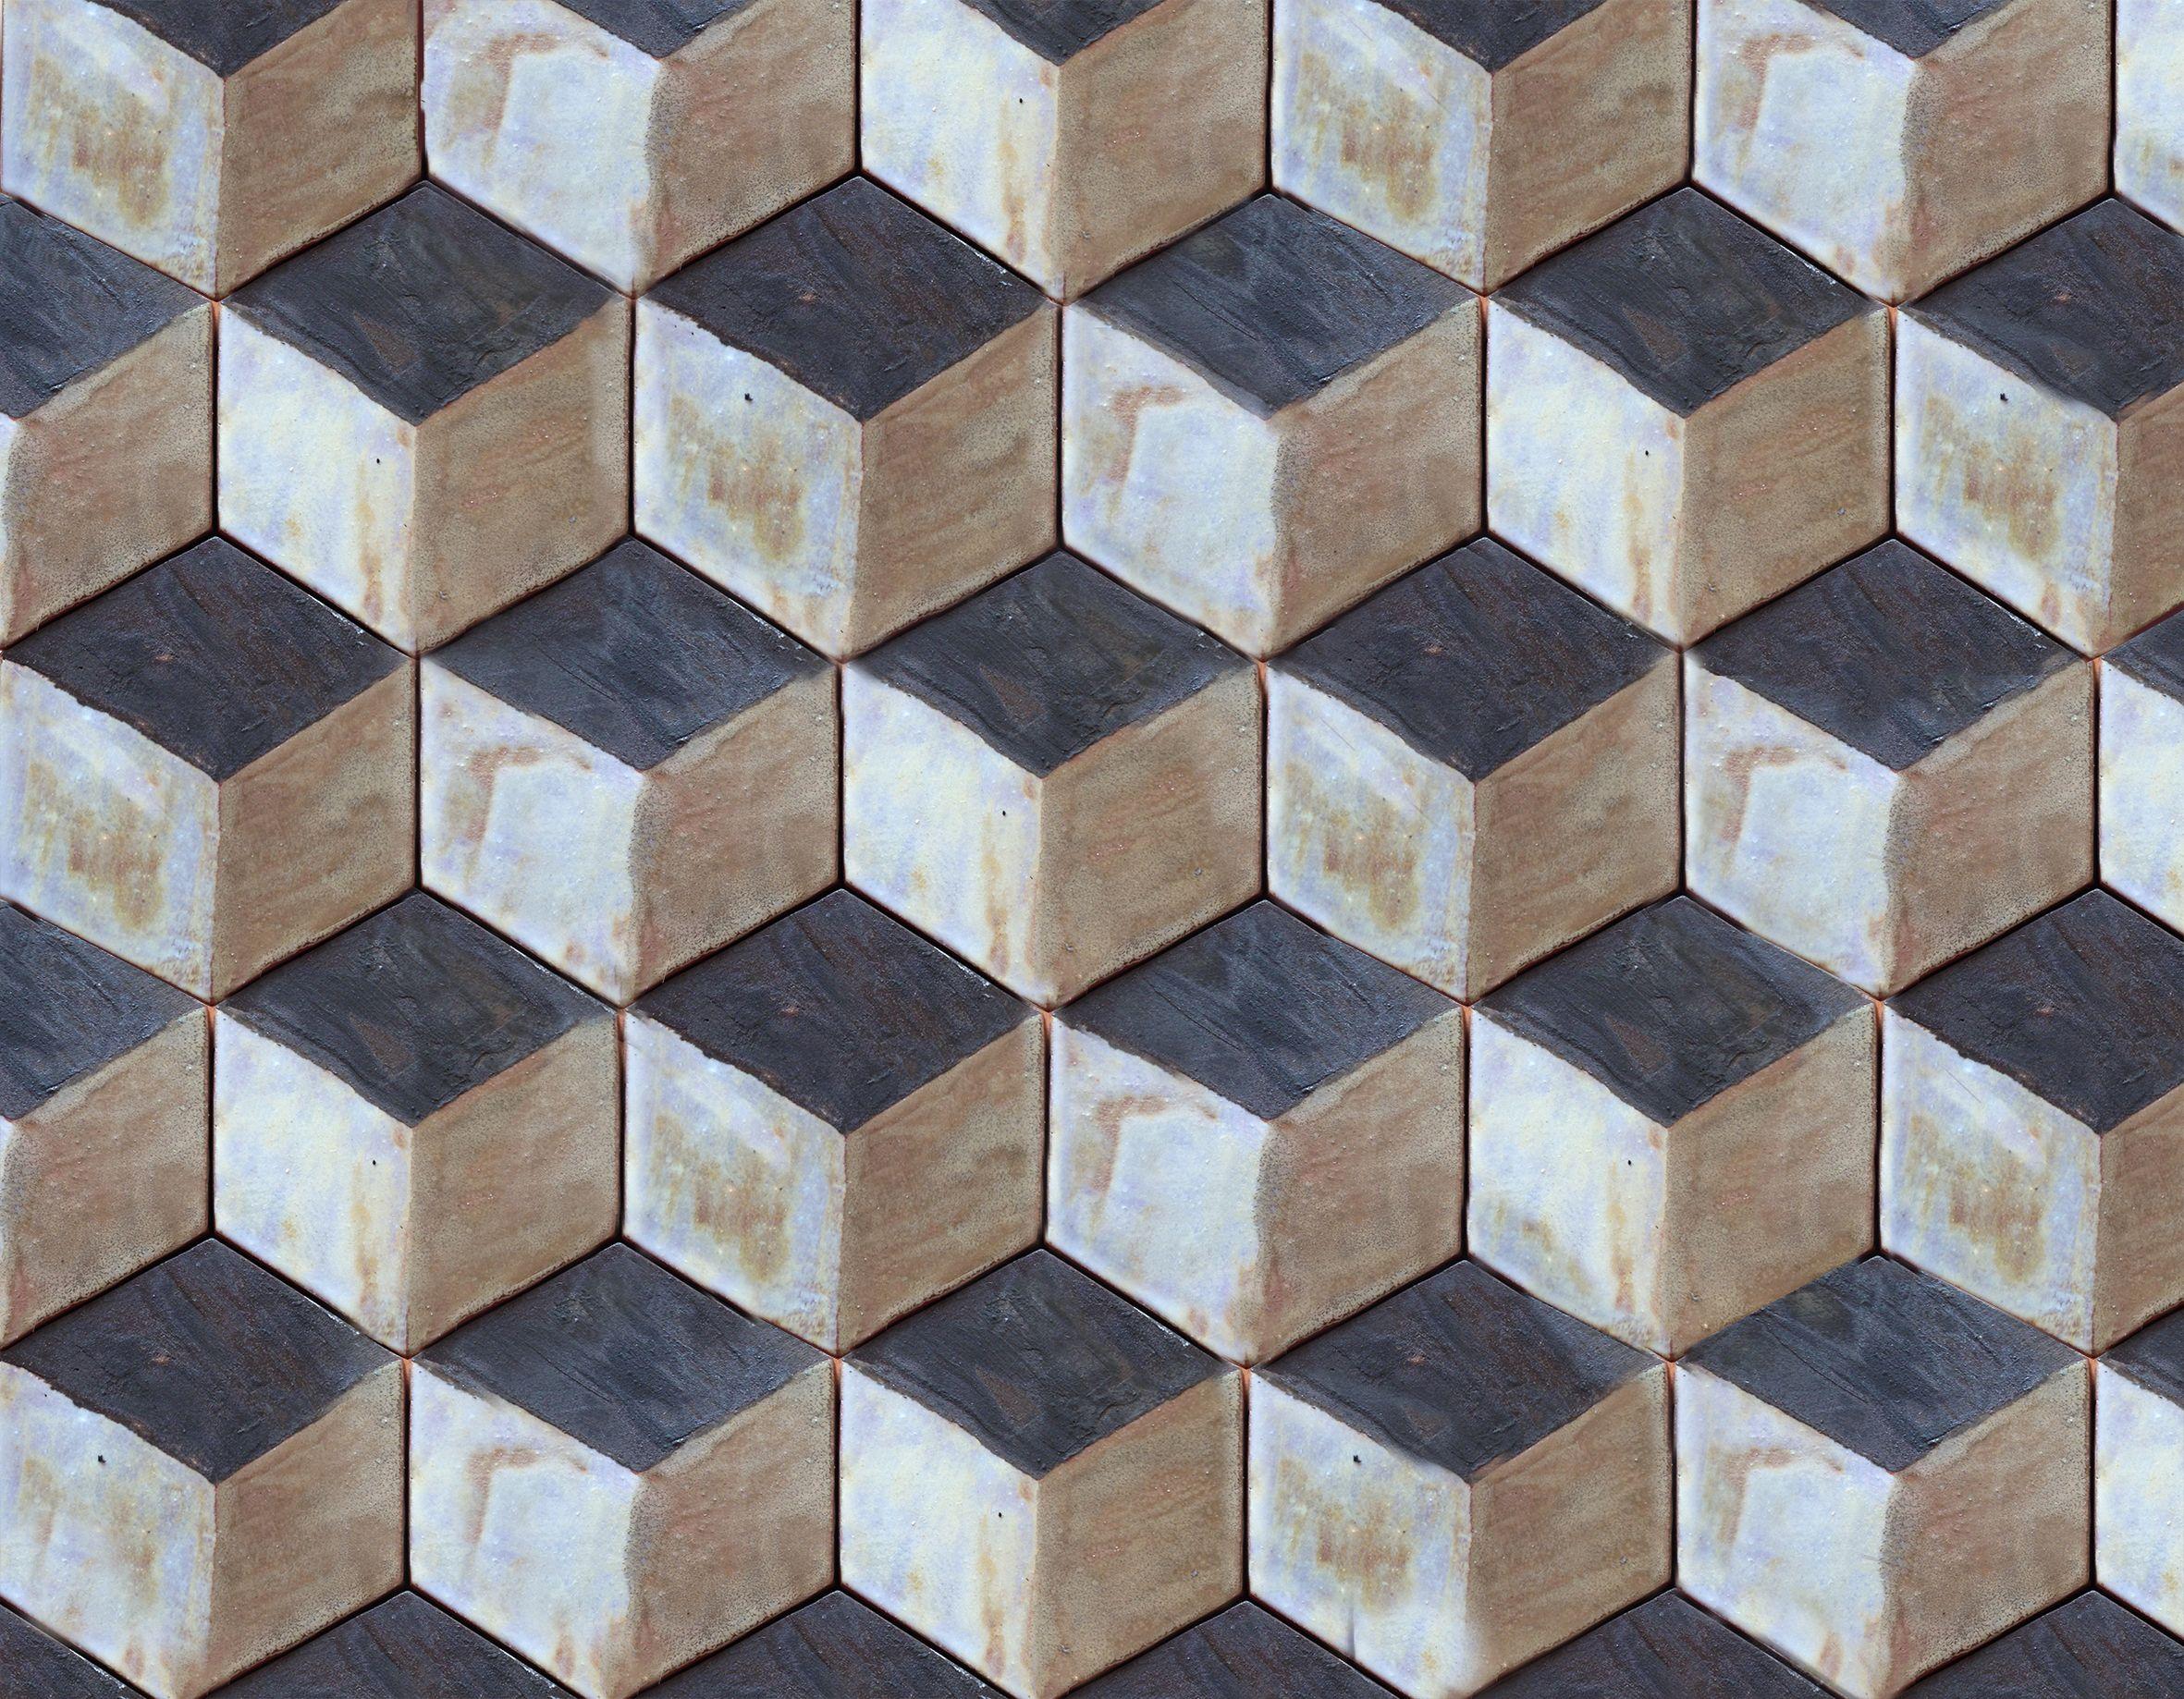 Handmade Hexagon Ceramic Tiles In A 3d Pattern Coloured White Black